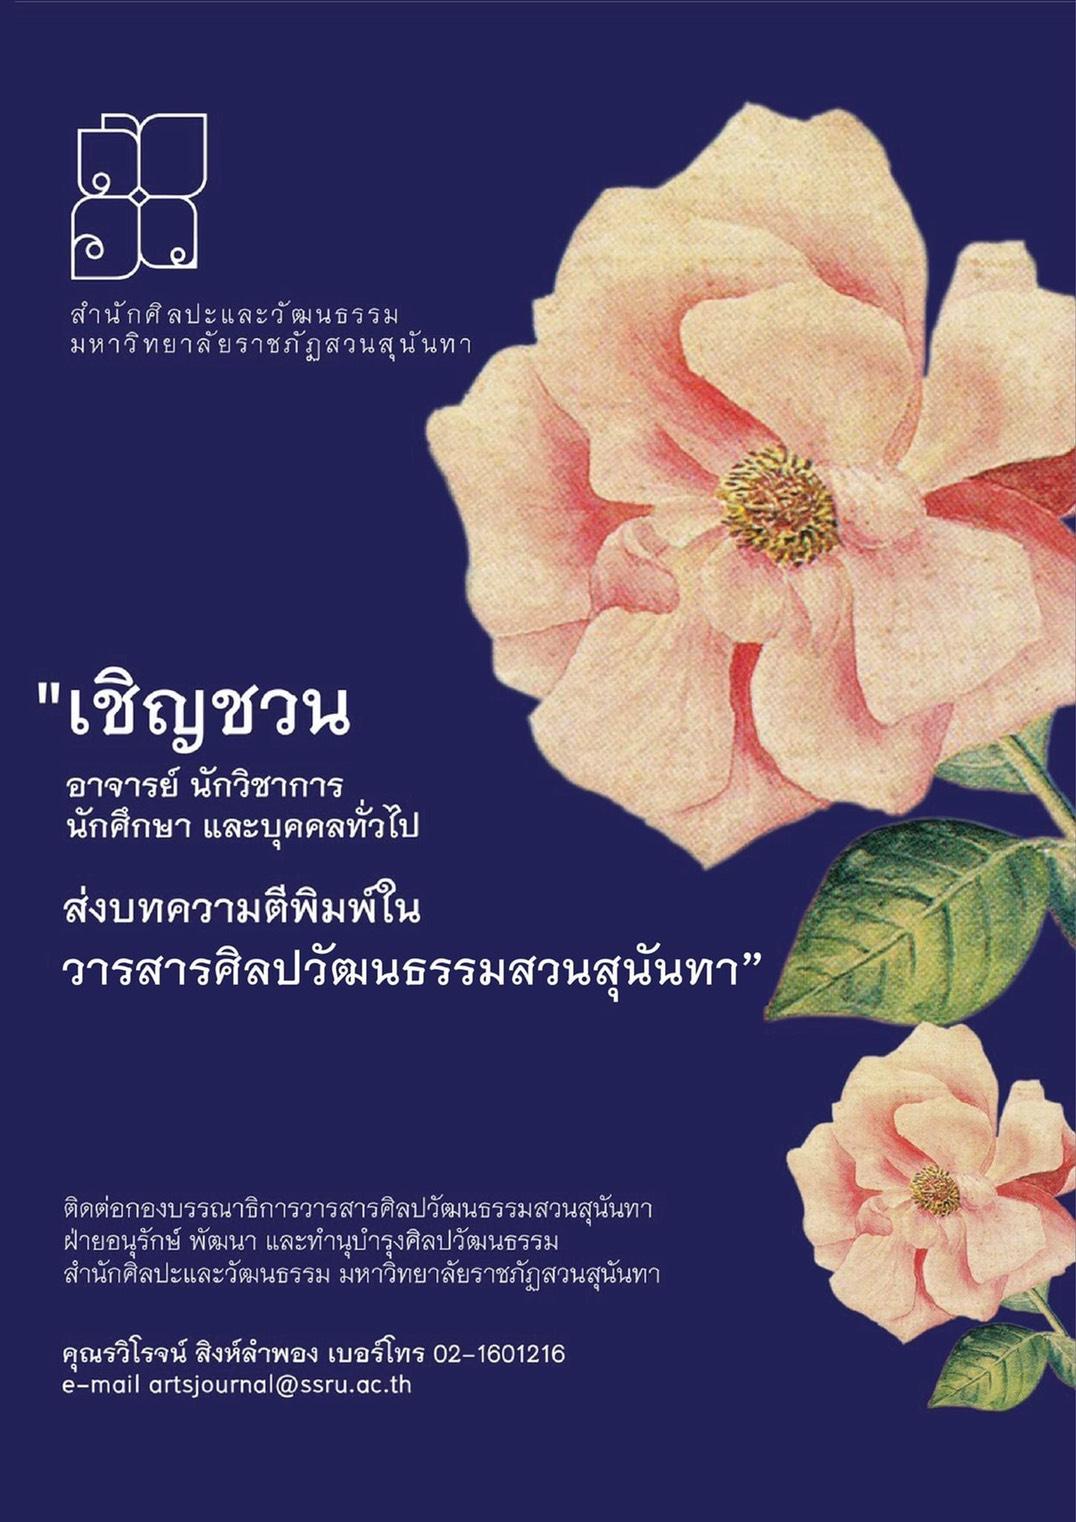 """สำนักศิลป์ เปิดรับผลงานตีพิมพ์ใน """"วารสารศิลปวัฒนธรรมสวนสุนันทา"""" Vol.๐๒"""